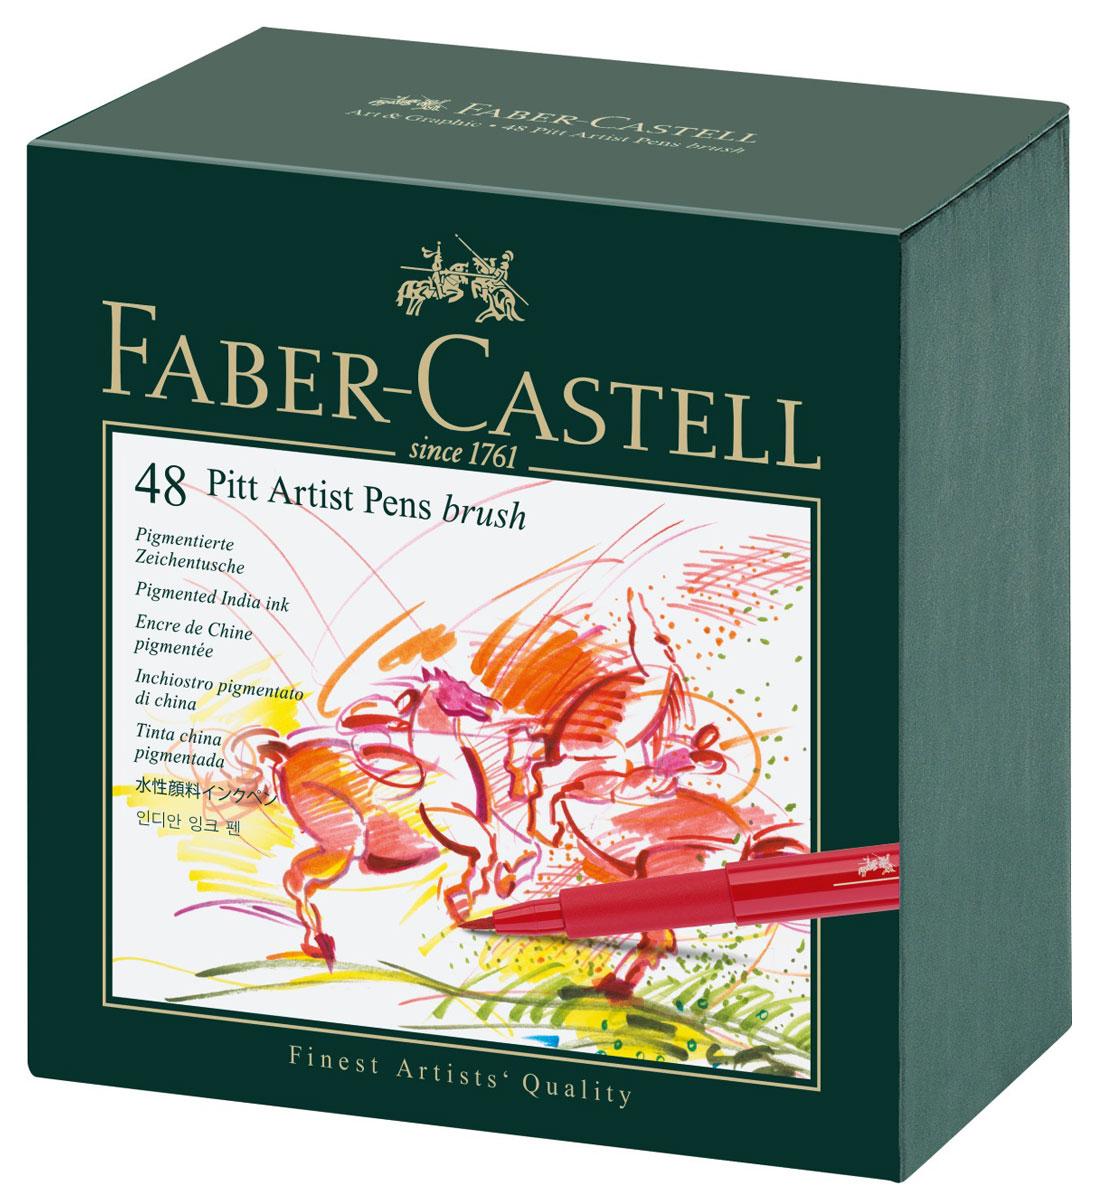 Faber-Castell Ручка капиллярная Pitt Artist Pen 48 шт167148Капиллярные ручки Faber-Castell Pitt Artist Pen станут незаменимым атрибутом учебы или работы. Корпус ручек выполнен из прочного пластика. Корпус выполнен в цвете чернил. Высококачественные PH-нейтральные чернила устойчивы к воздействию солнечных лучей, после высыхания не размазываются на бумаге. Ручки оснащены упругим клипом для удобной фиксации на бумаге или одежде. Набор упакован в практичную коробку с откидывающейся крышкой. В коробке предусмотрена специальная лента, потянув за которую, выезжают четыре полочки с цветными ручками. В наборе 48 ручек разного цвета.